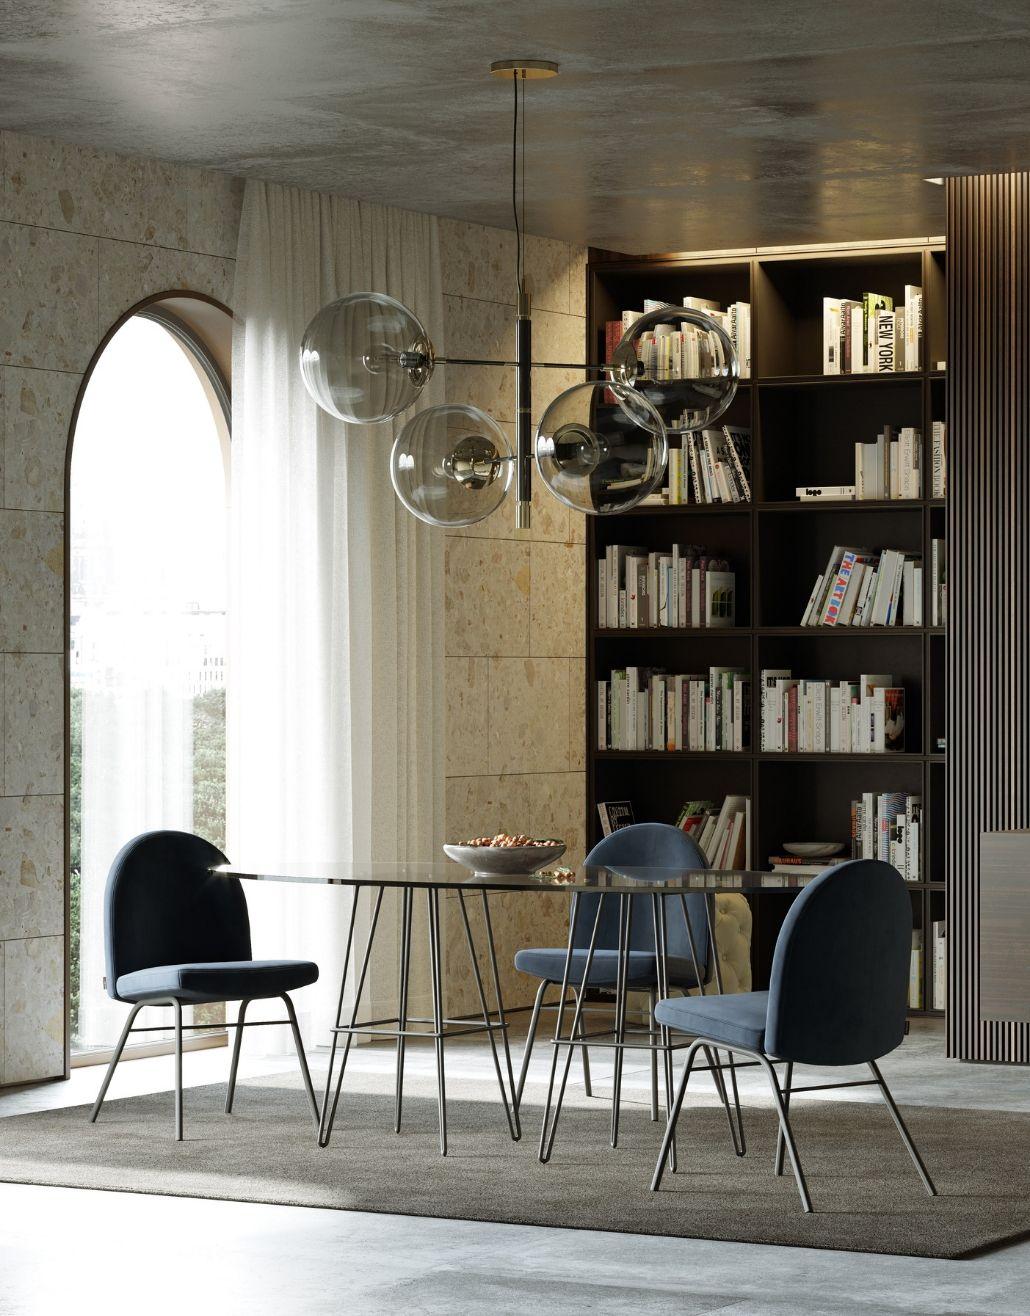 cadeira estofada para sala de jantar moderna